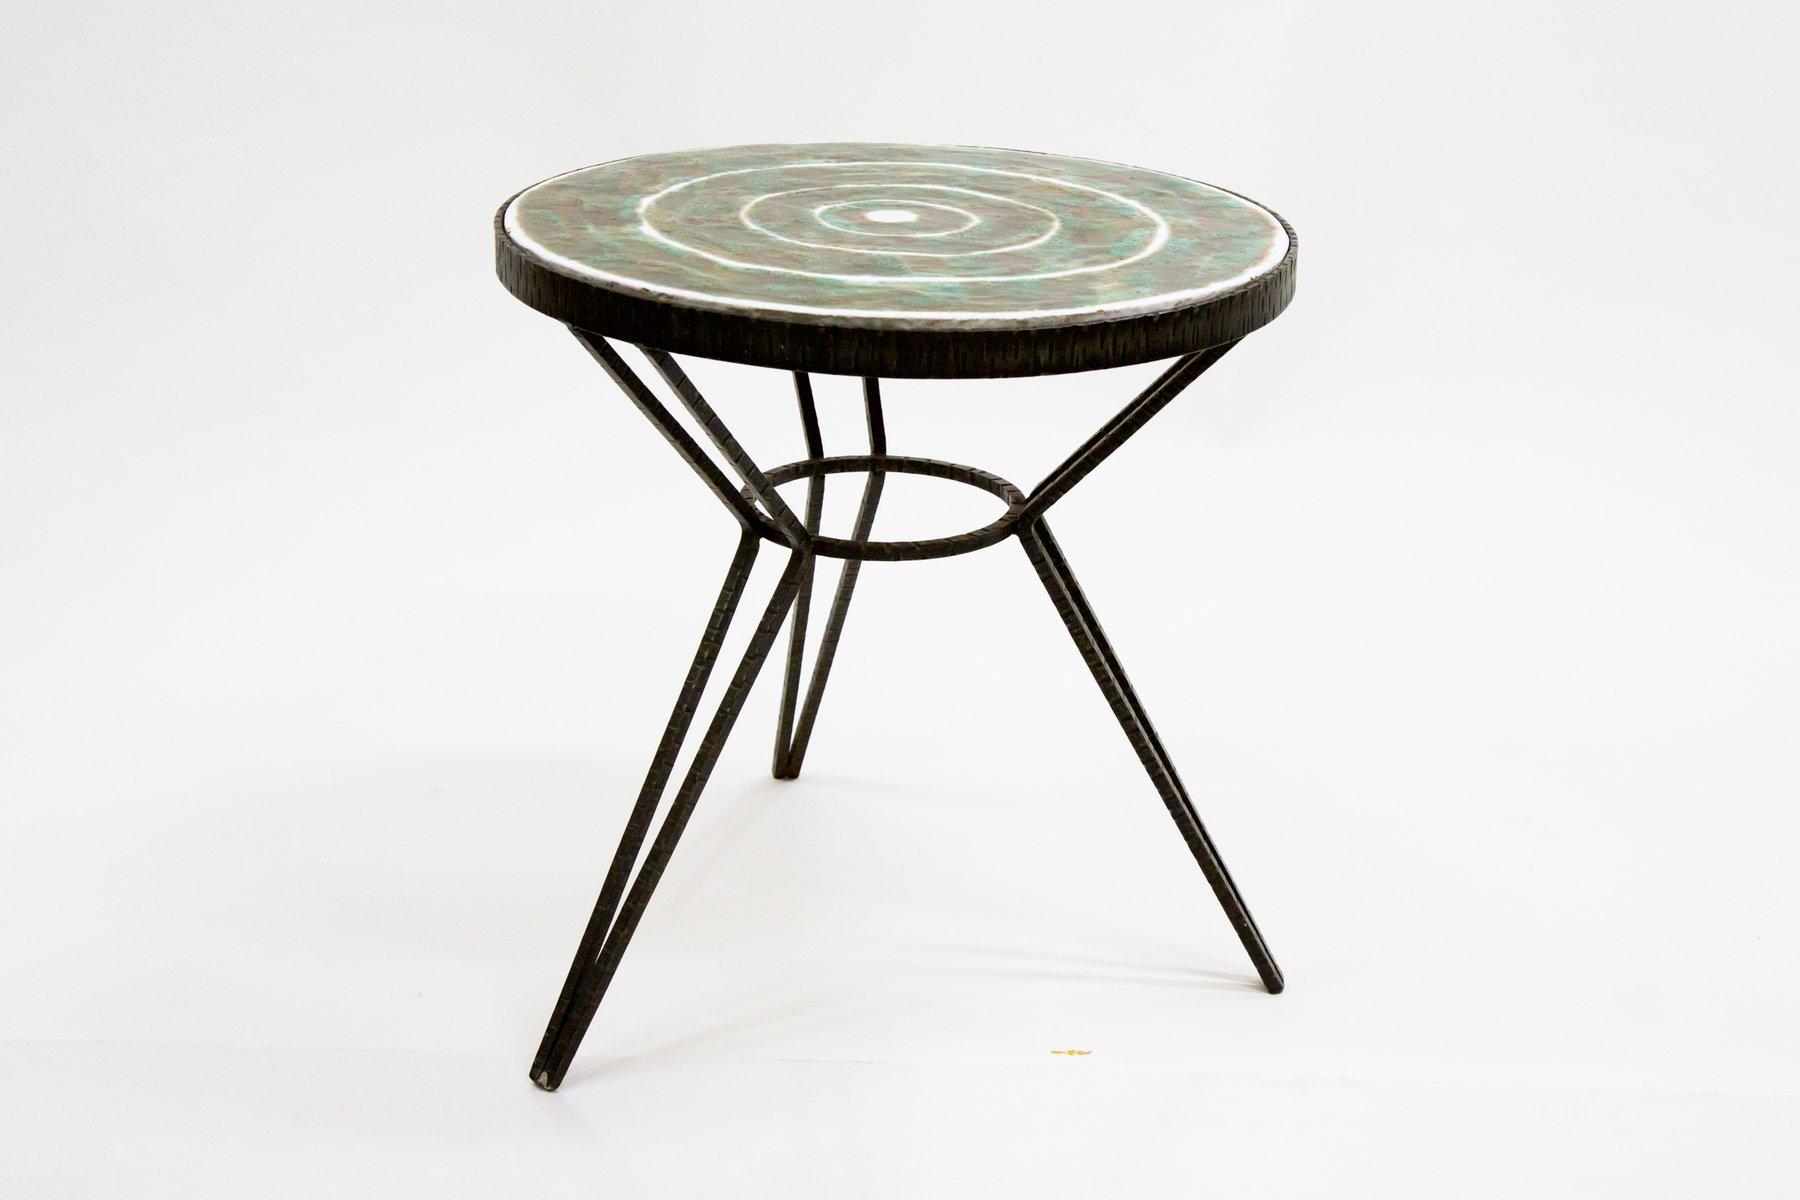 Couchtisch mit Keramik Tischplatte, 1970er